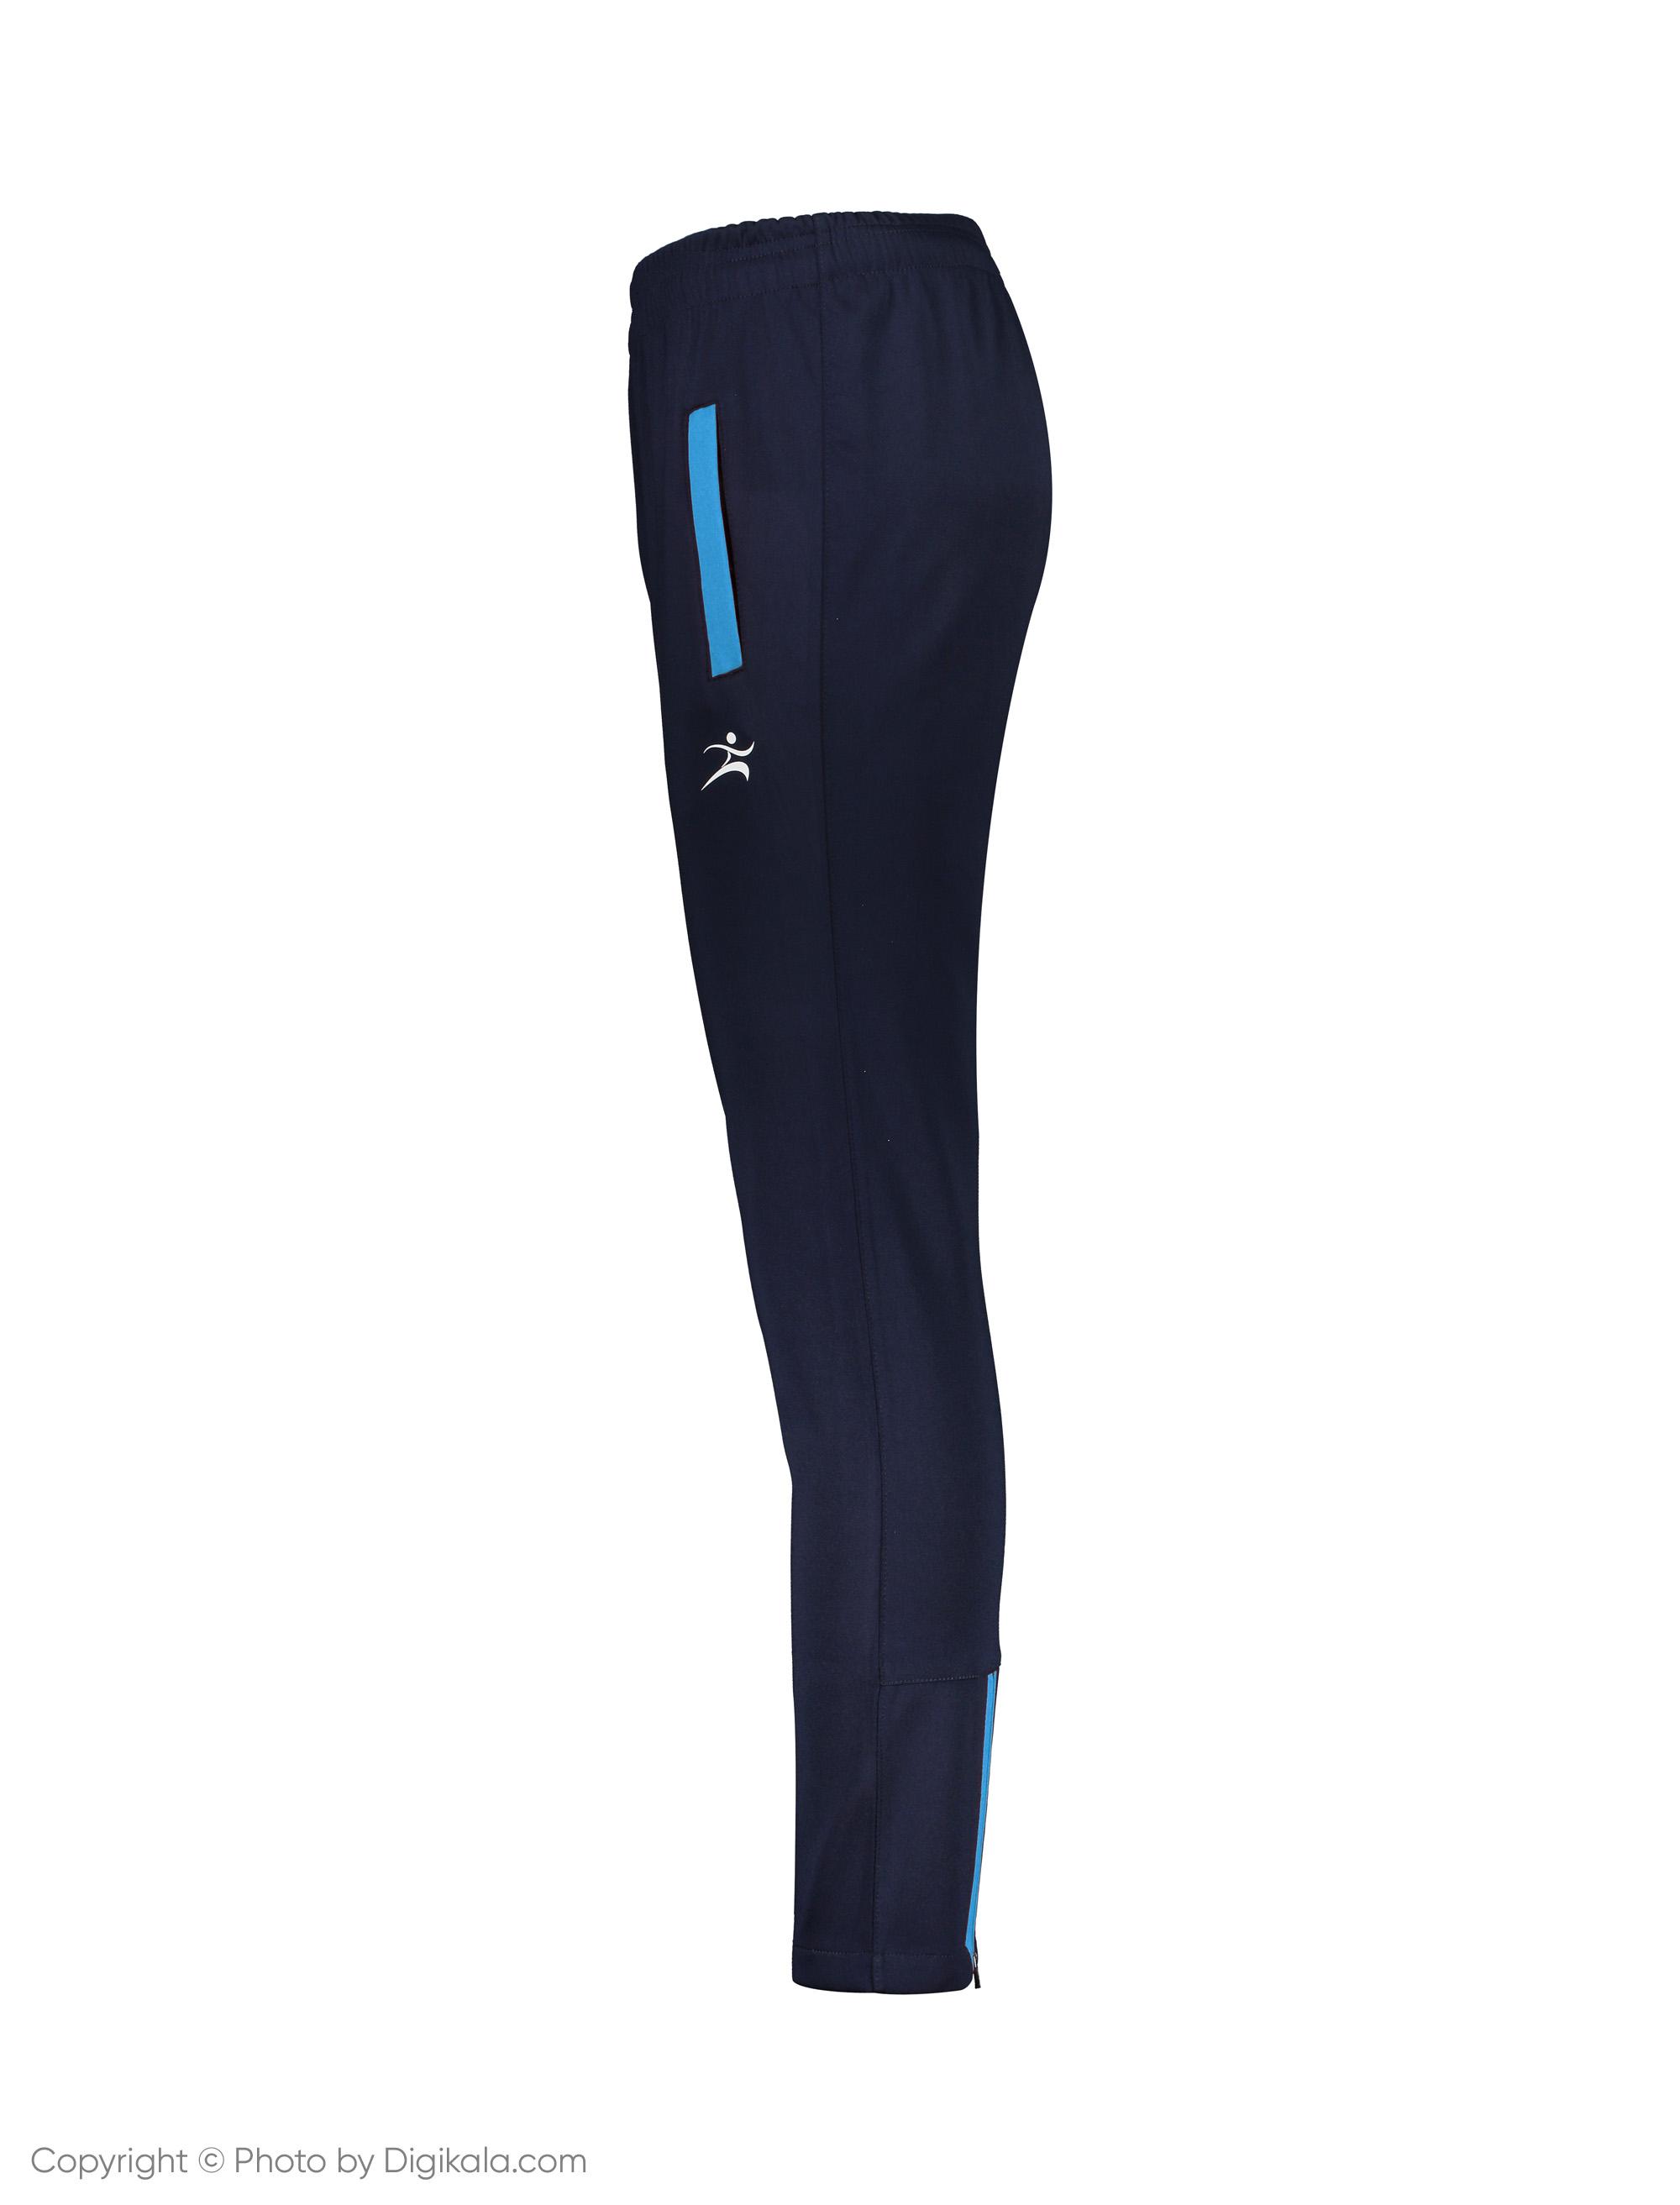 شلوار ورزشی مردانه اسپرت من مدل k19-61